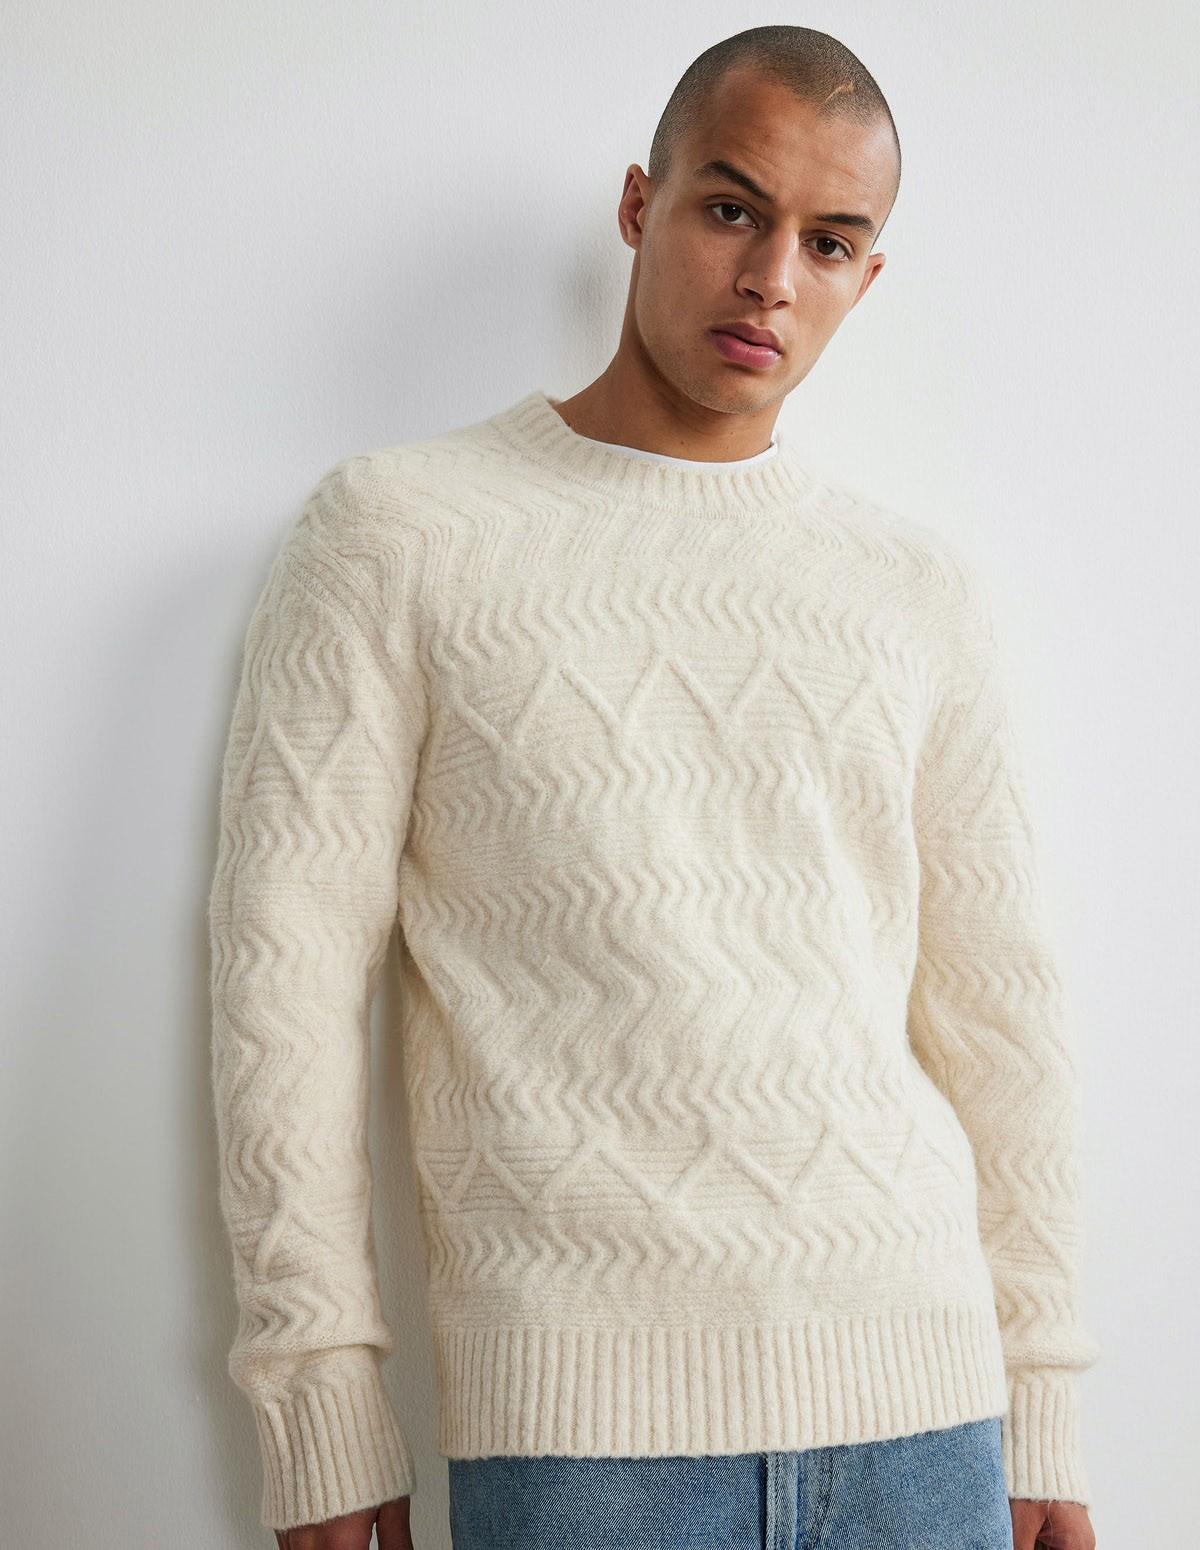 Nn07 Dominic Sweater - 020 ECRU